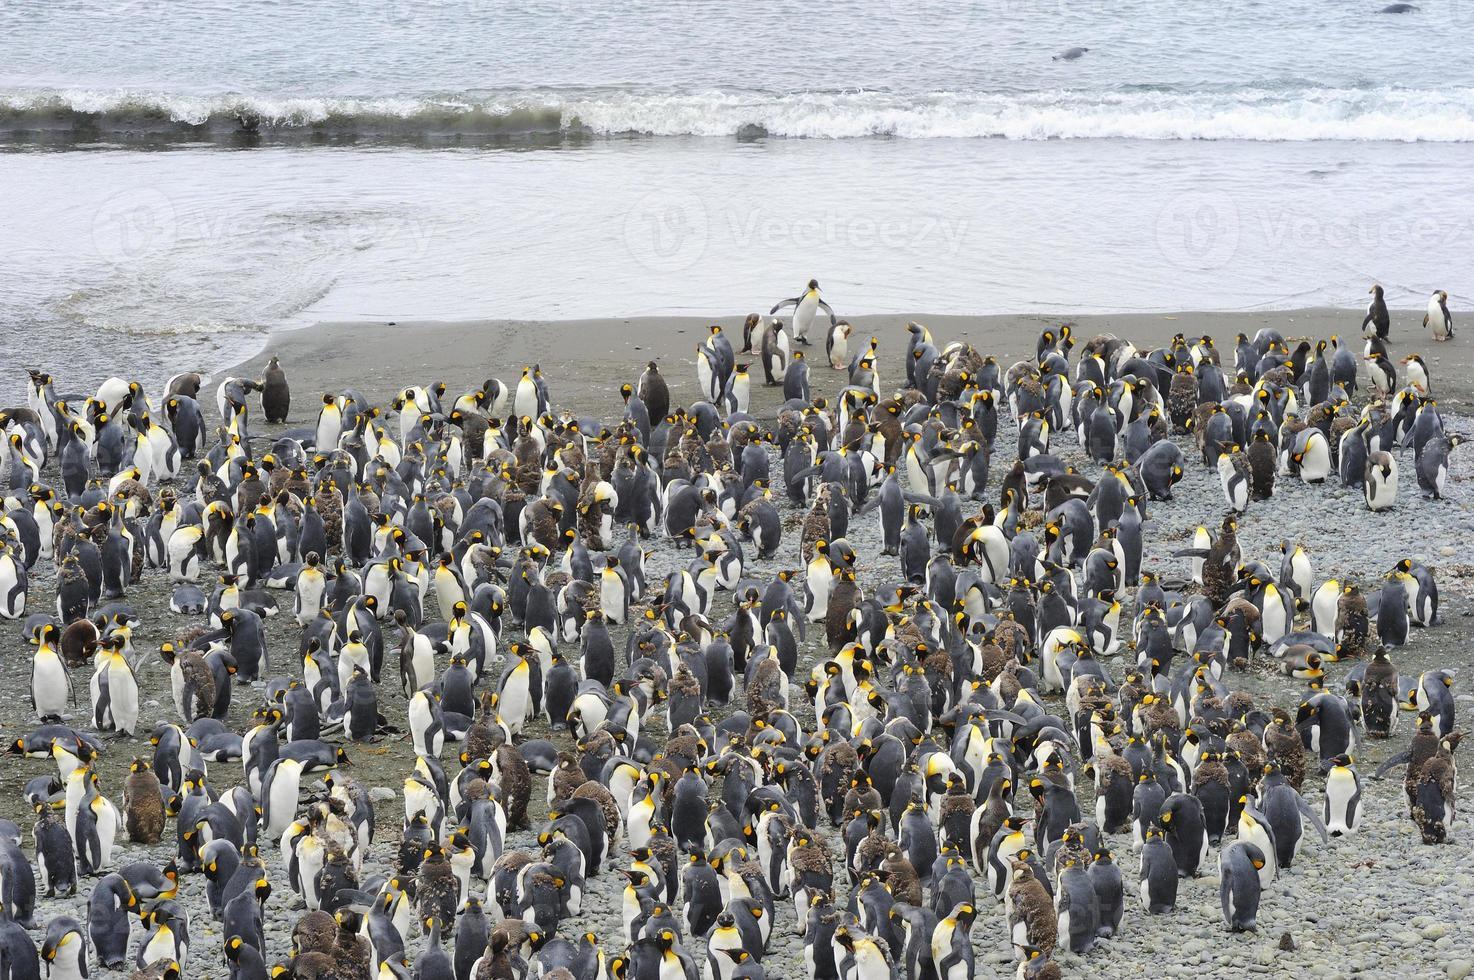 King Penguin (Aptenodytes patagonicus) photo